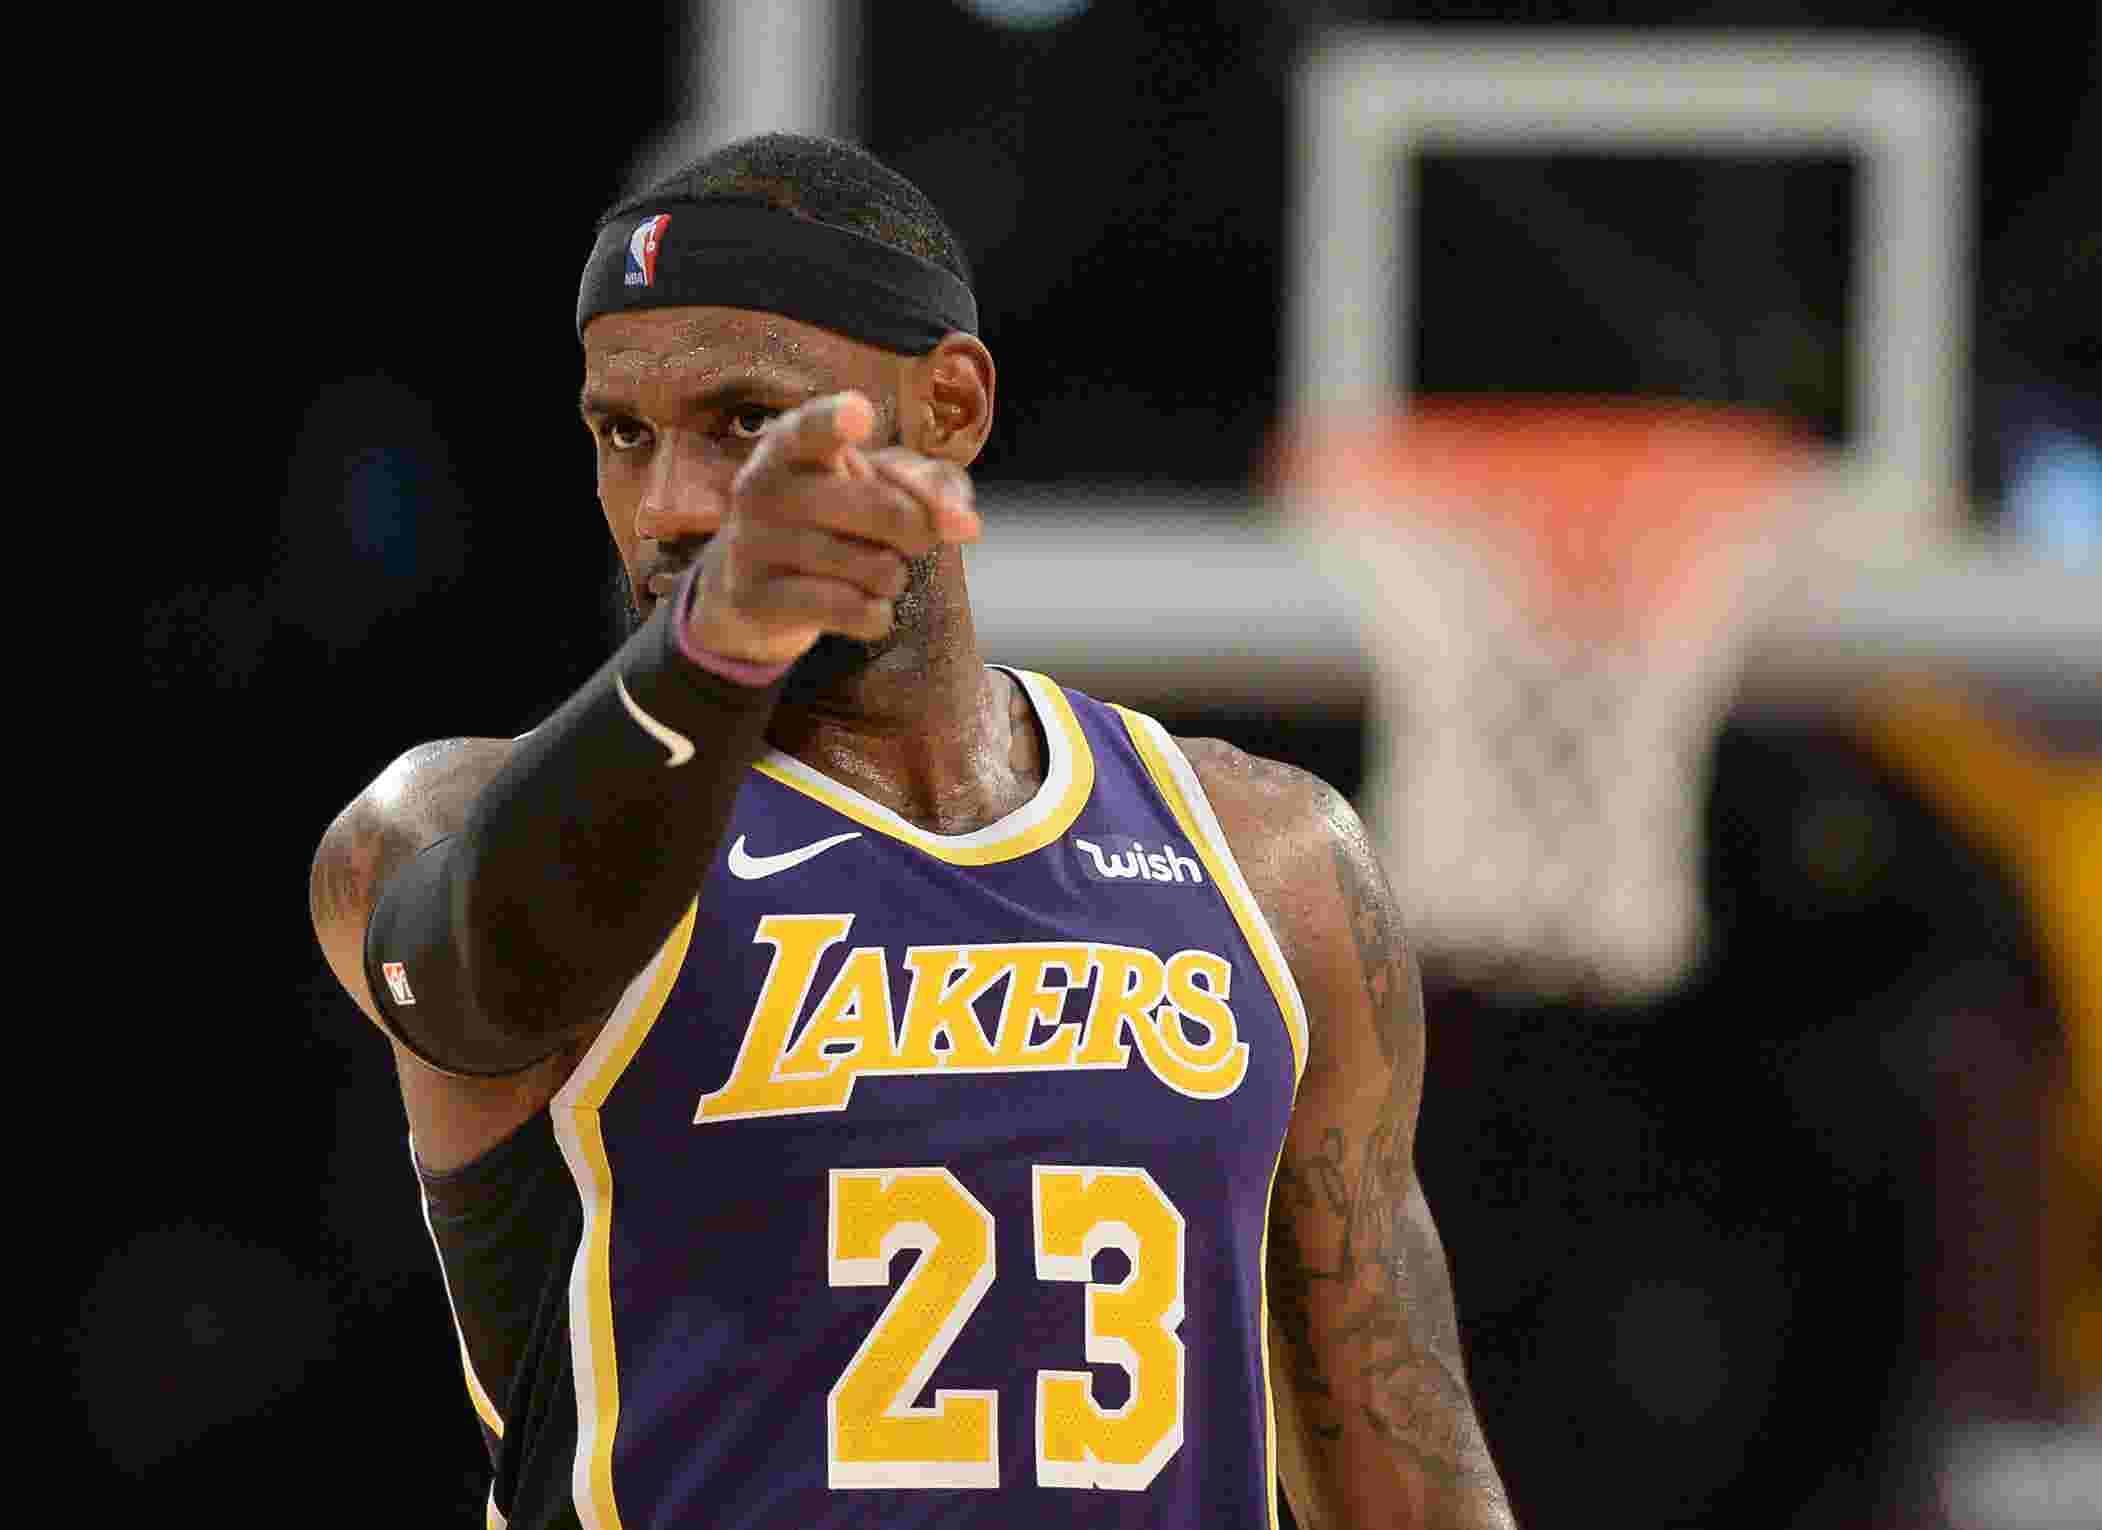 詹皇揭秘11年前的辛酸往事,看完這段話,誰還會嘲諷他的決定一?(影)-Haters-黑特籃球NBA新聞影音圖片分享社區